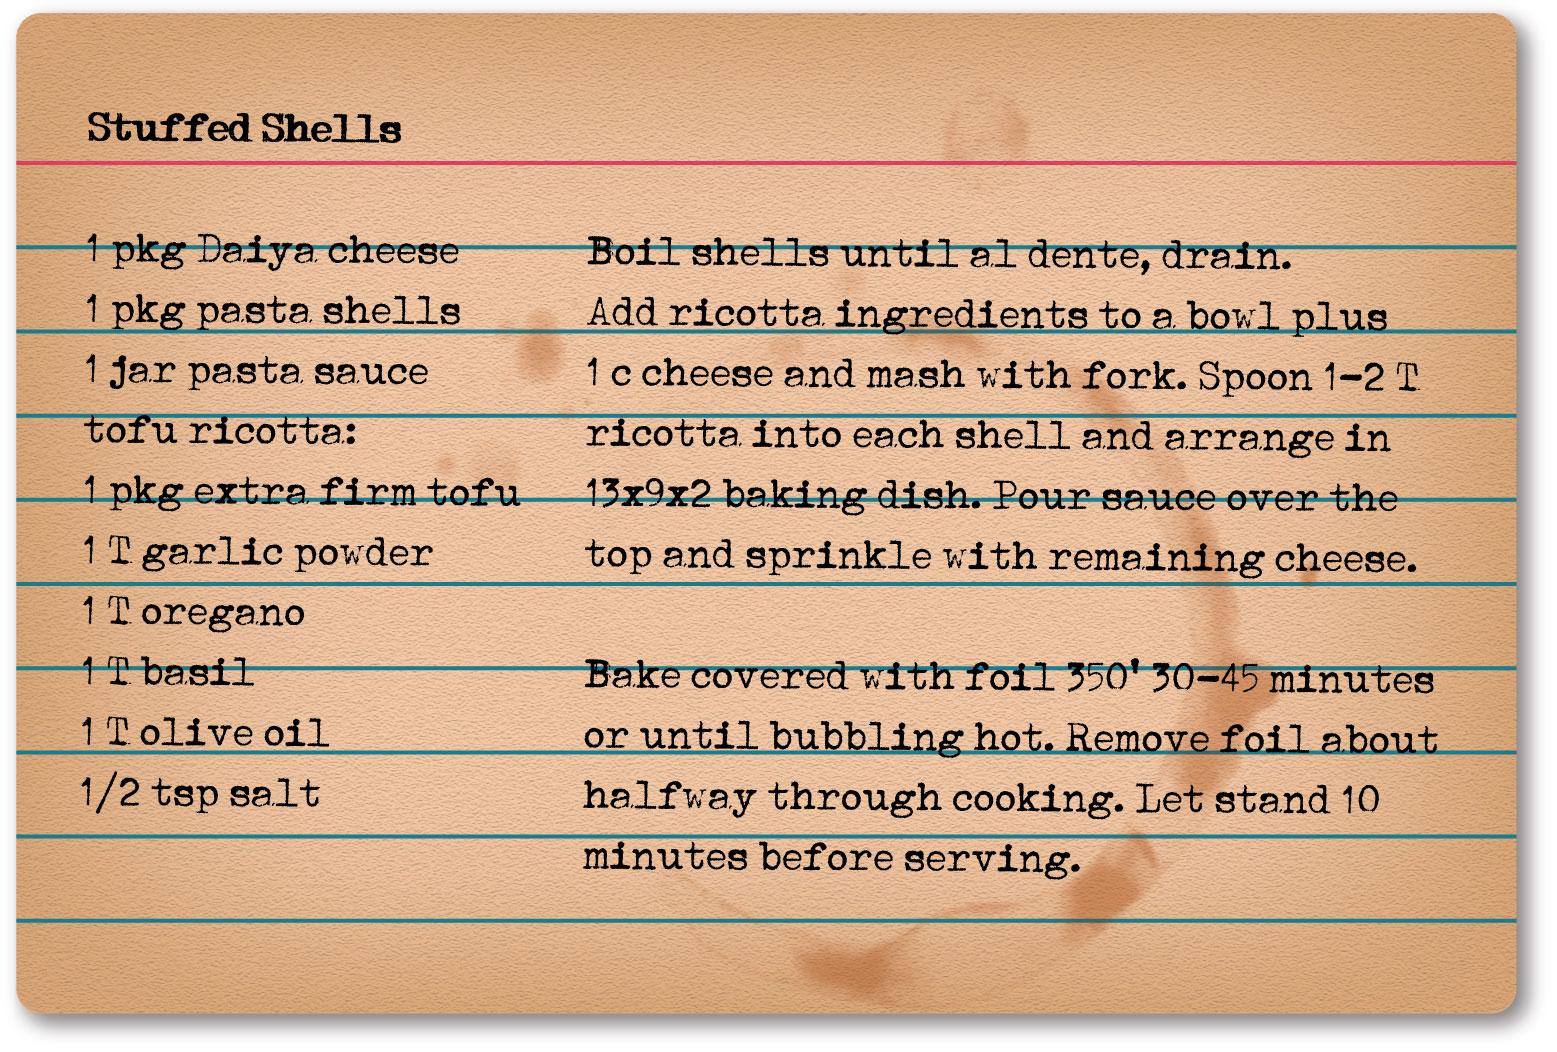 stuffedShells